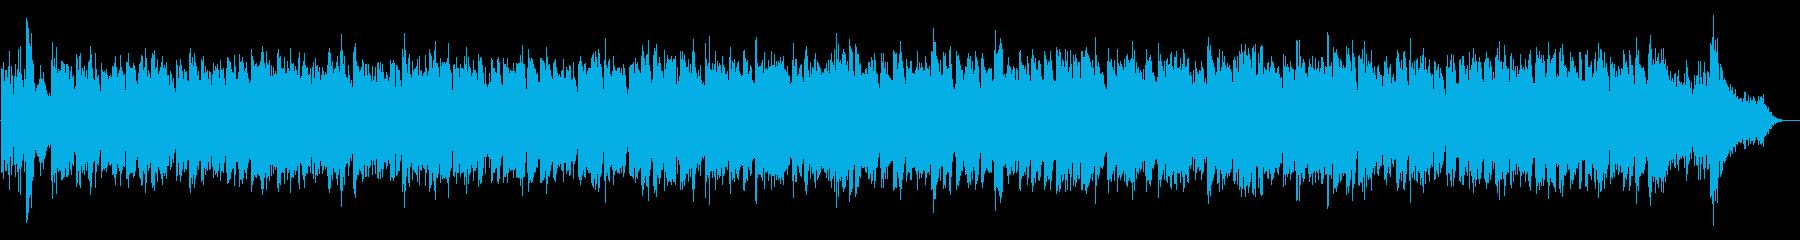 魅惑的なテーマのニューエイジインス...の再生済みの波形